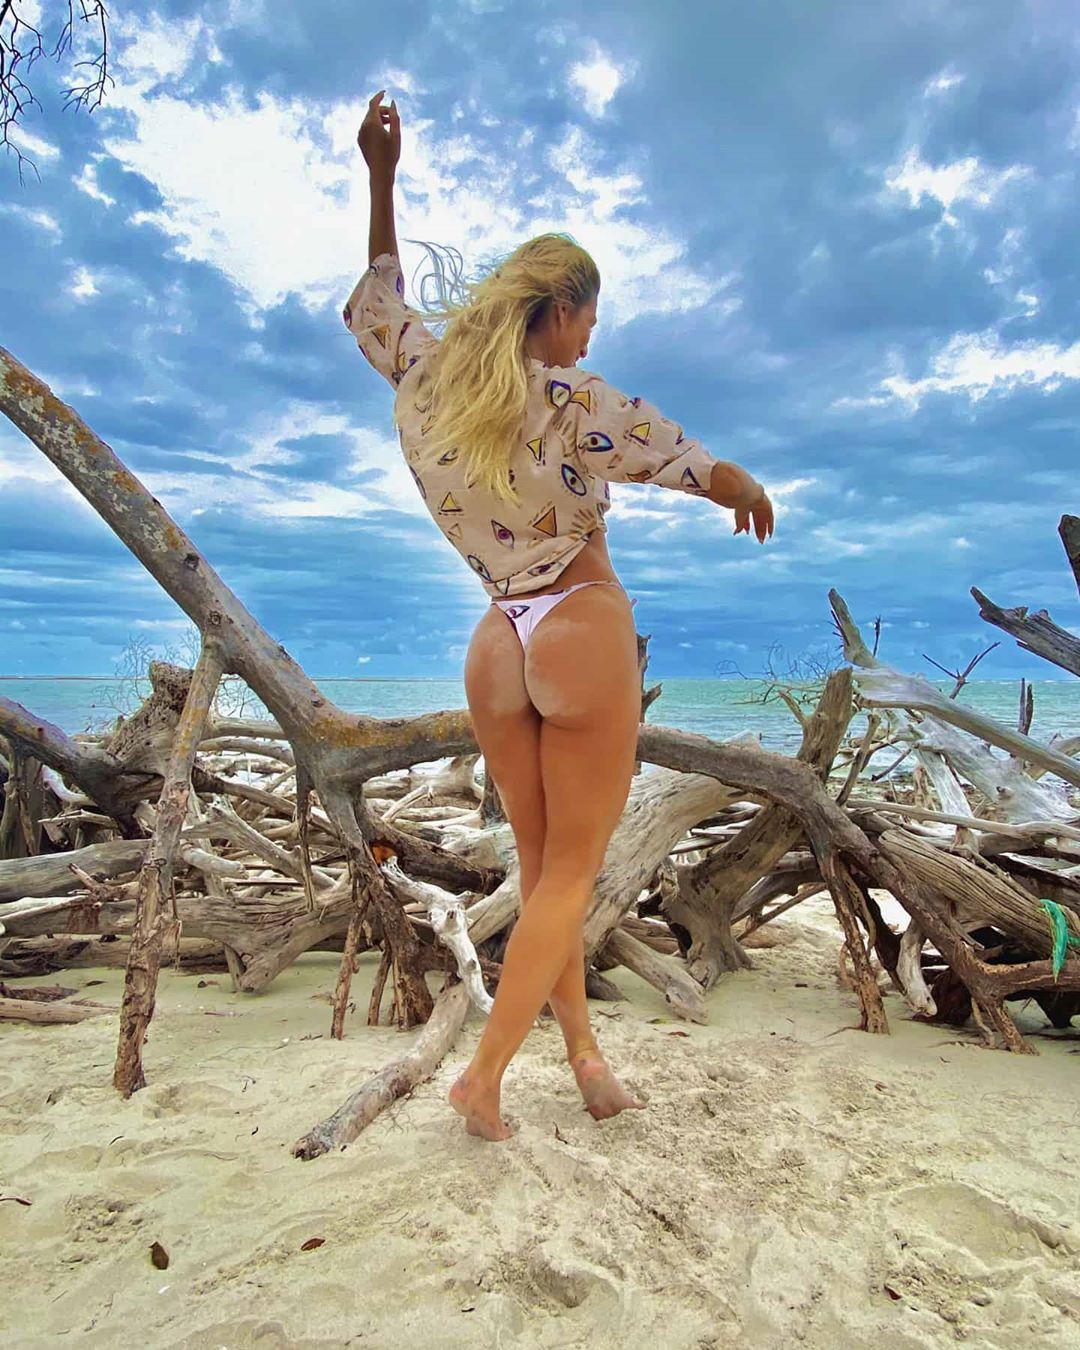 Apresentadora do Fofocalizando do SBT, se torna um dos assuntos mais comentados após fotos sensuais (Foto: Reprodução/Instagram)